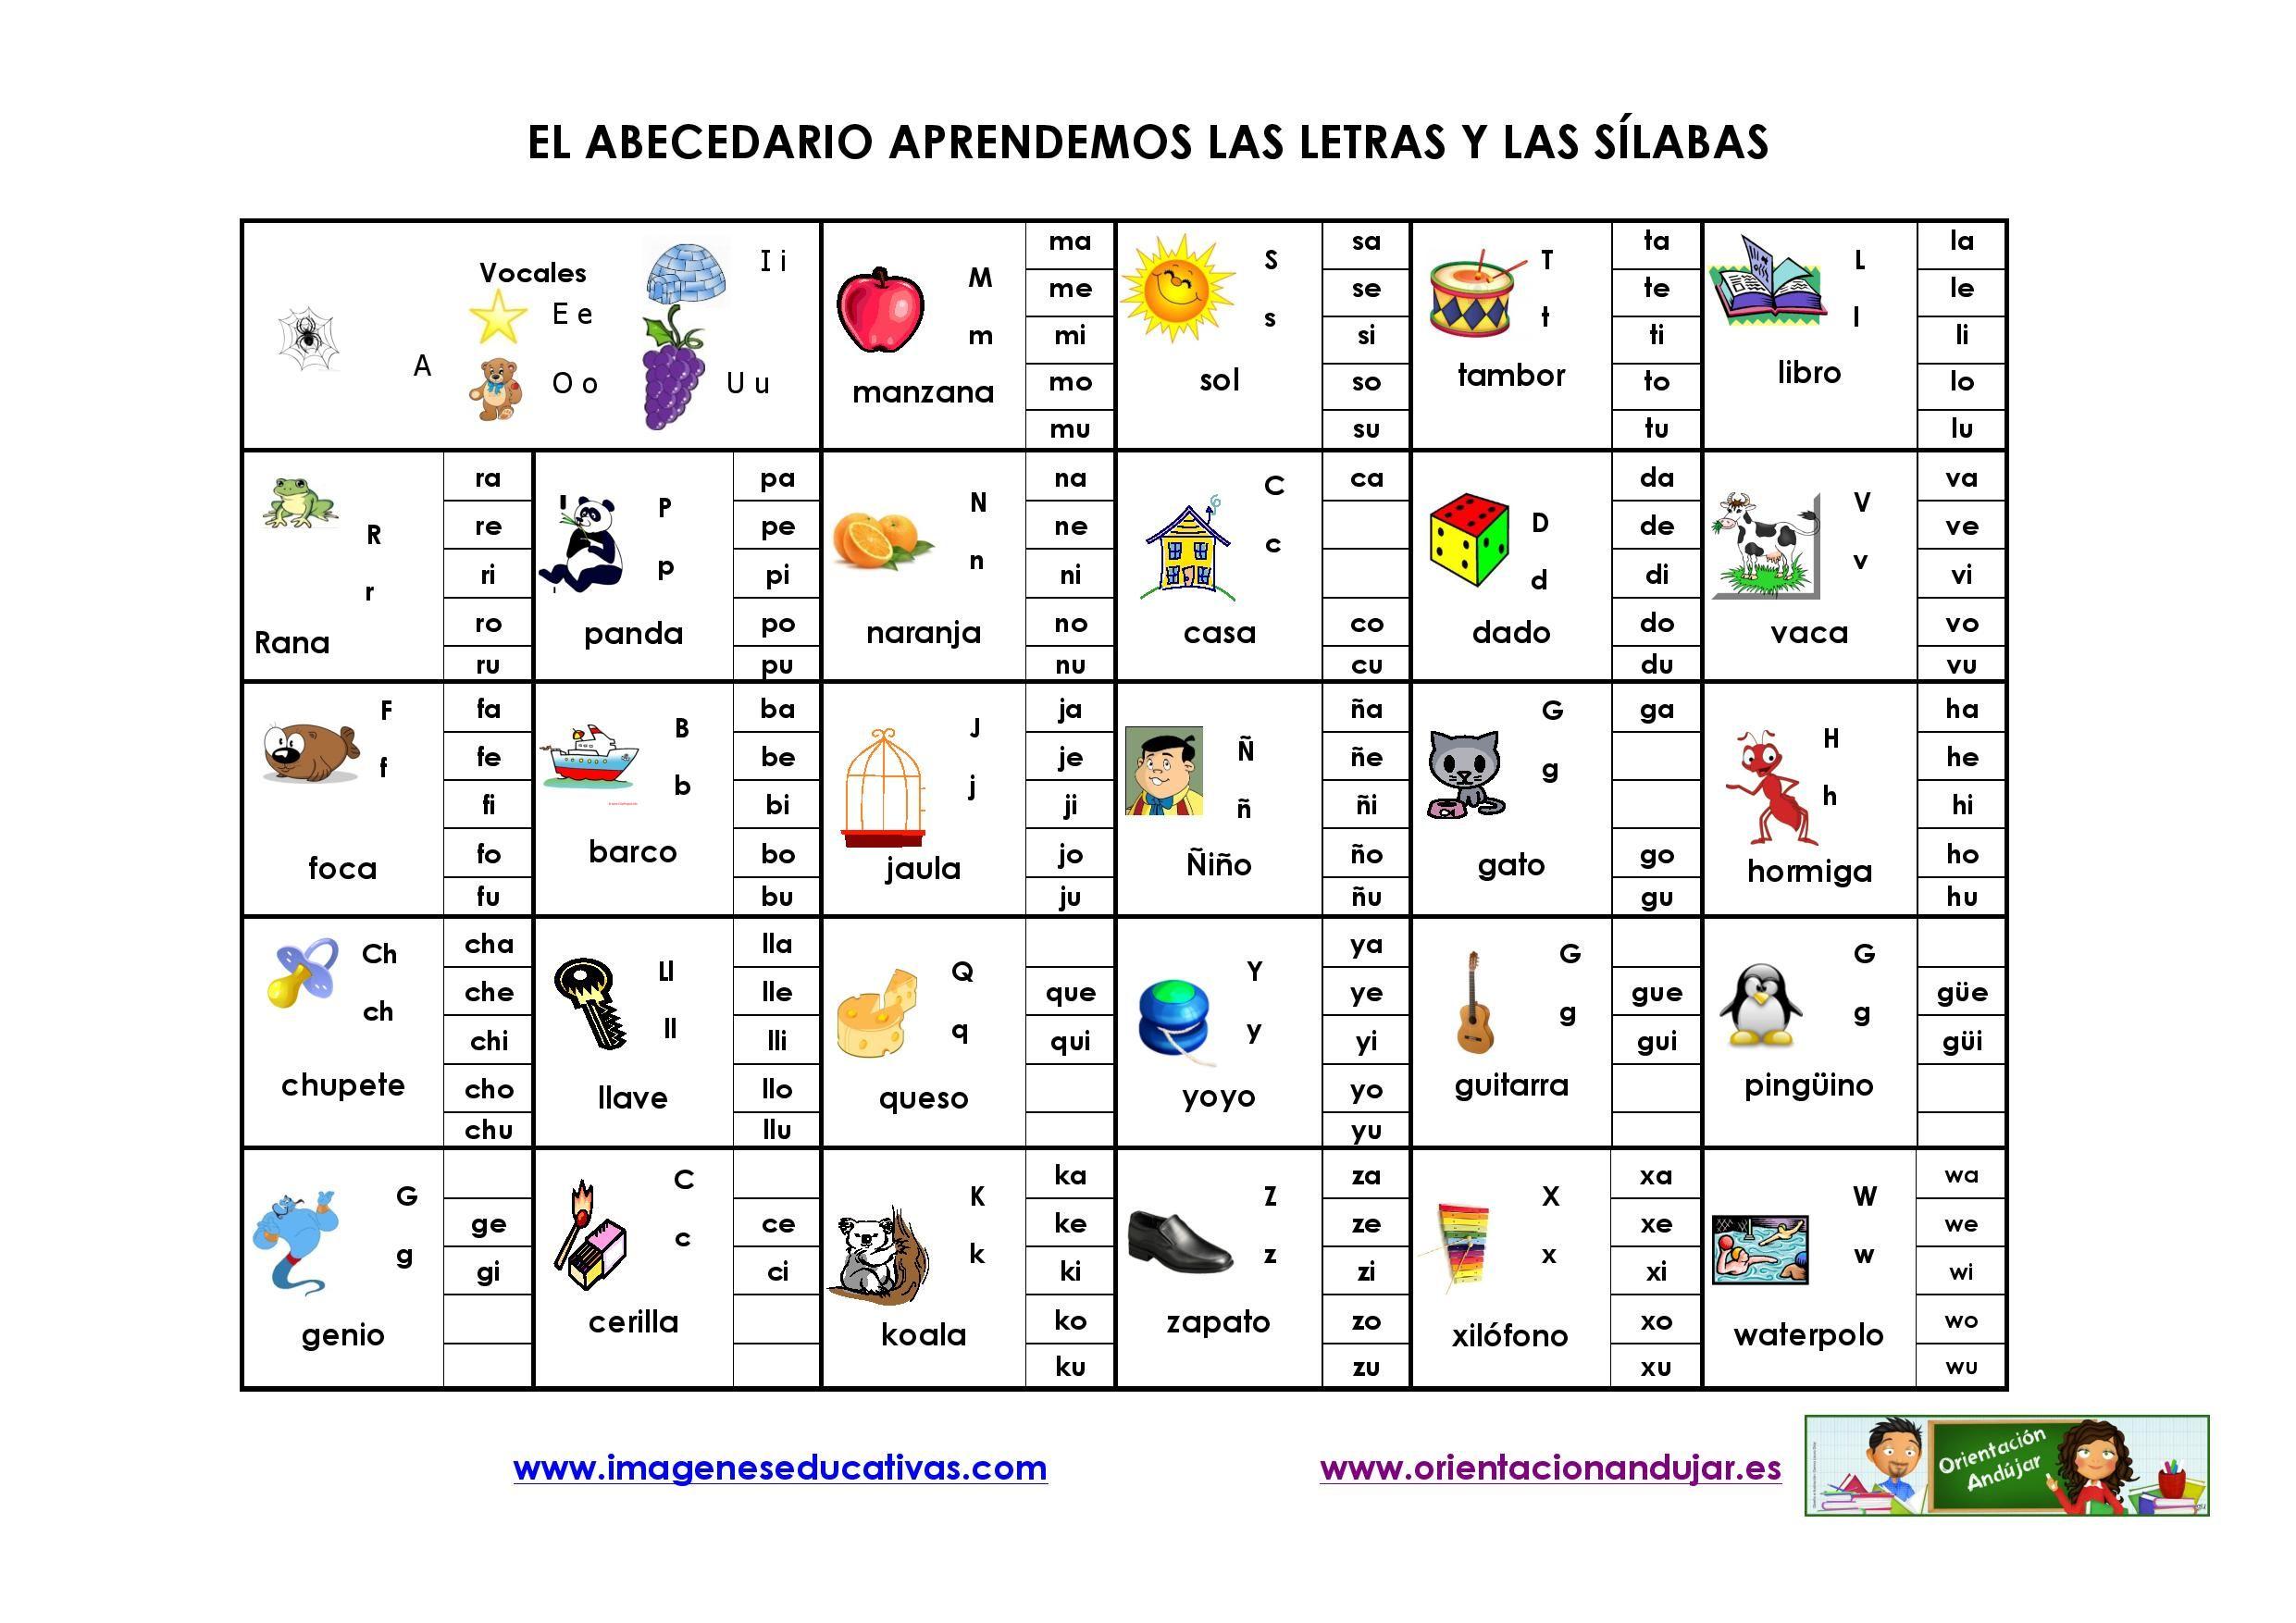 El Abecedario Aprendemos Las Letras Y Las Silabas